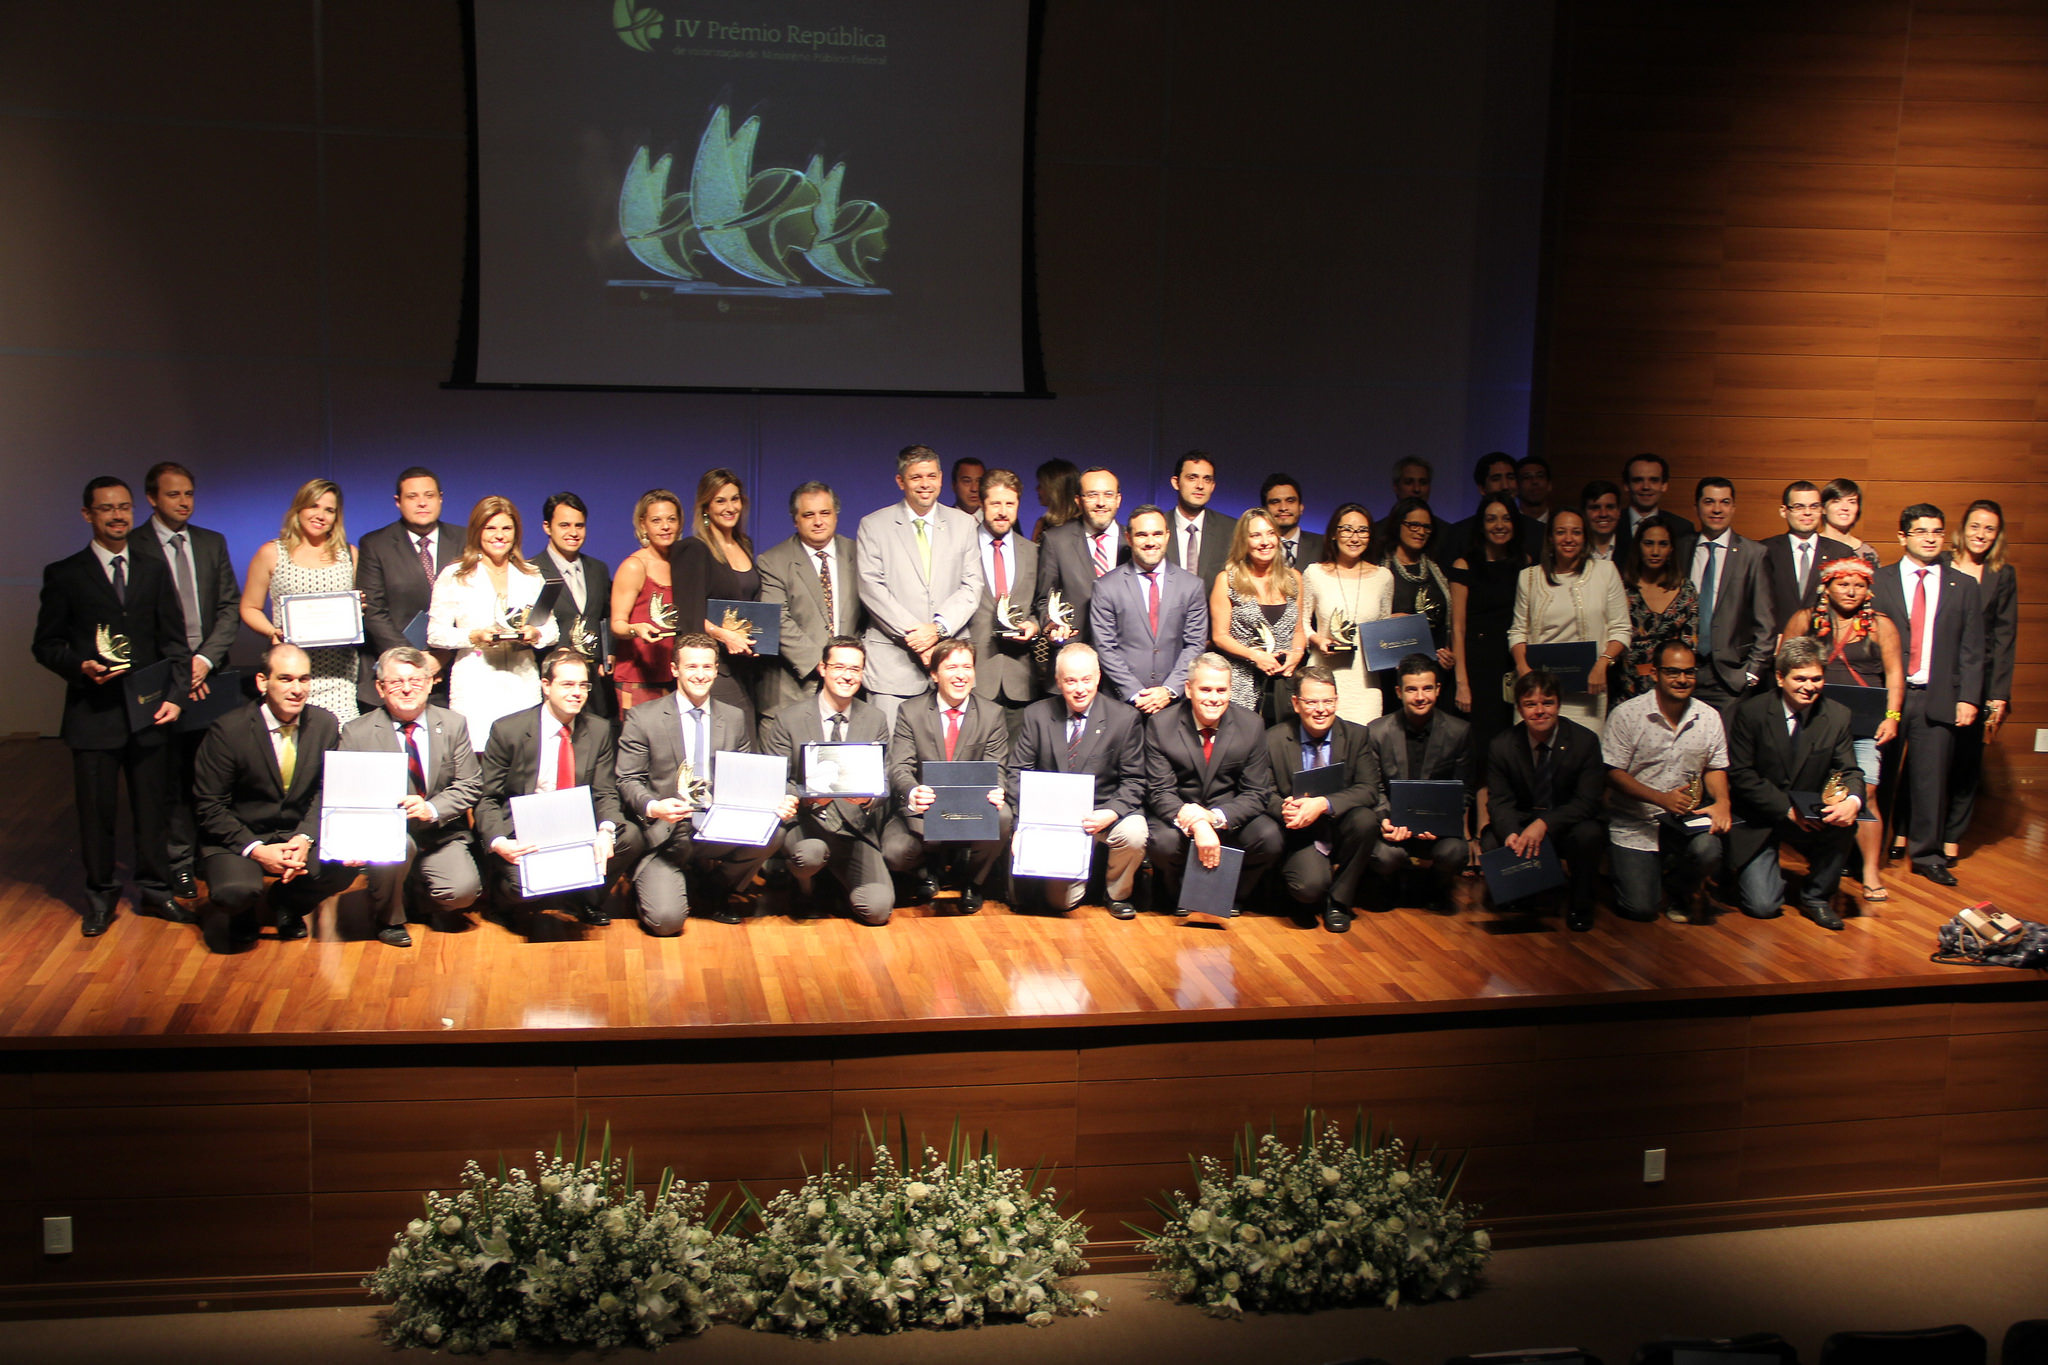 Cerimônia de premiação ocorreu no dia 11 de maio, em Brasília